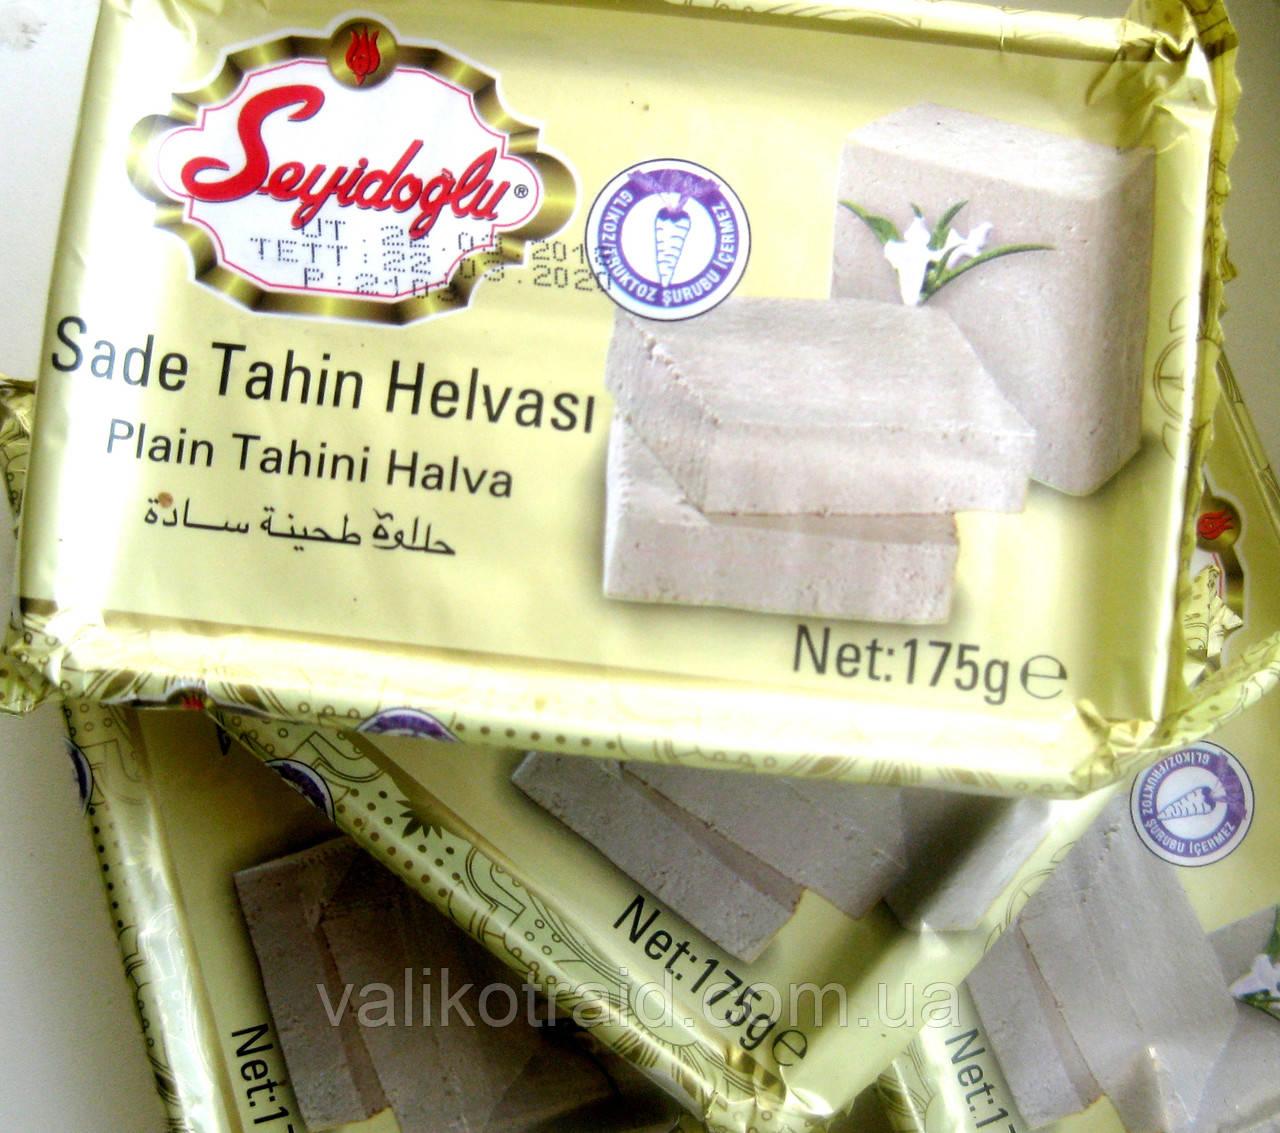 Халва тахиновая ваниль Seyidoglu  , вес 175 грамм, Турецкие сладости